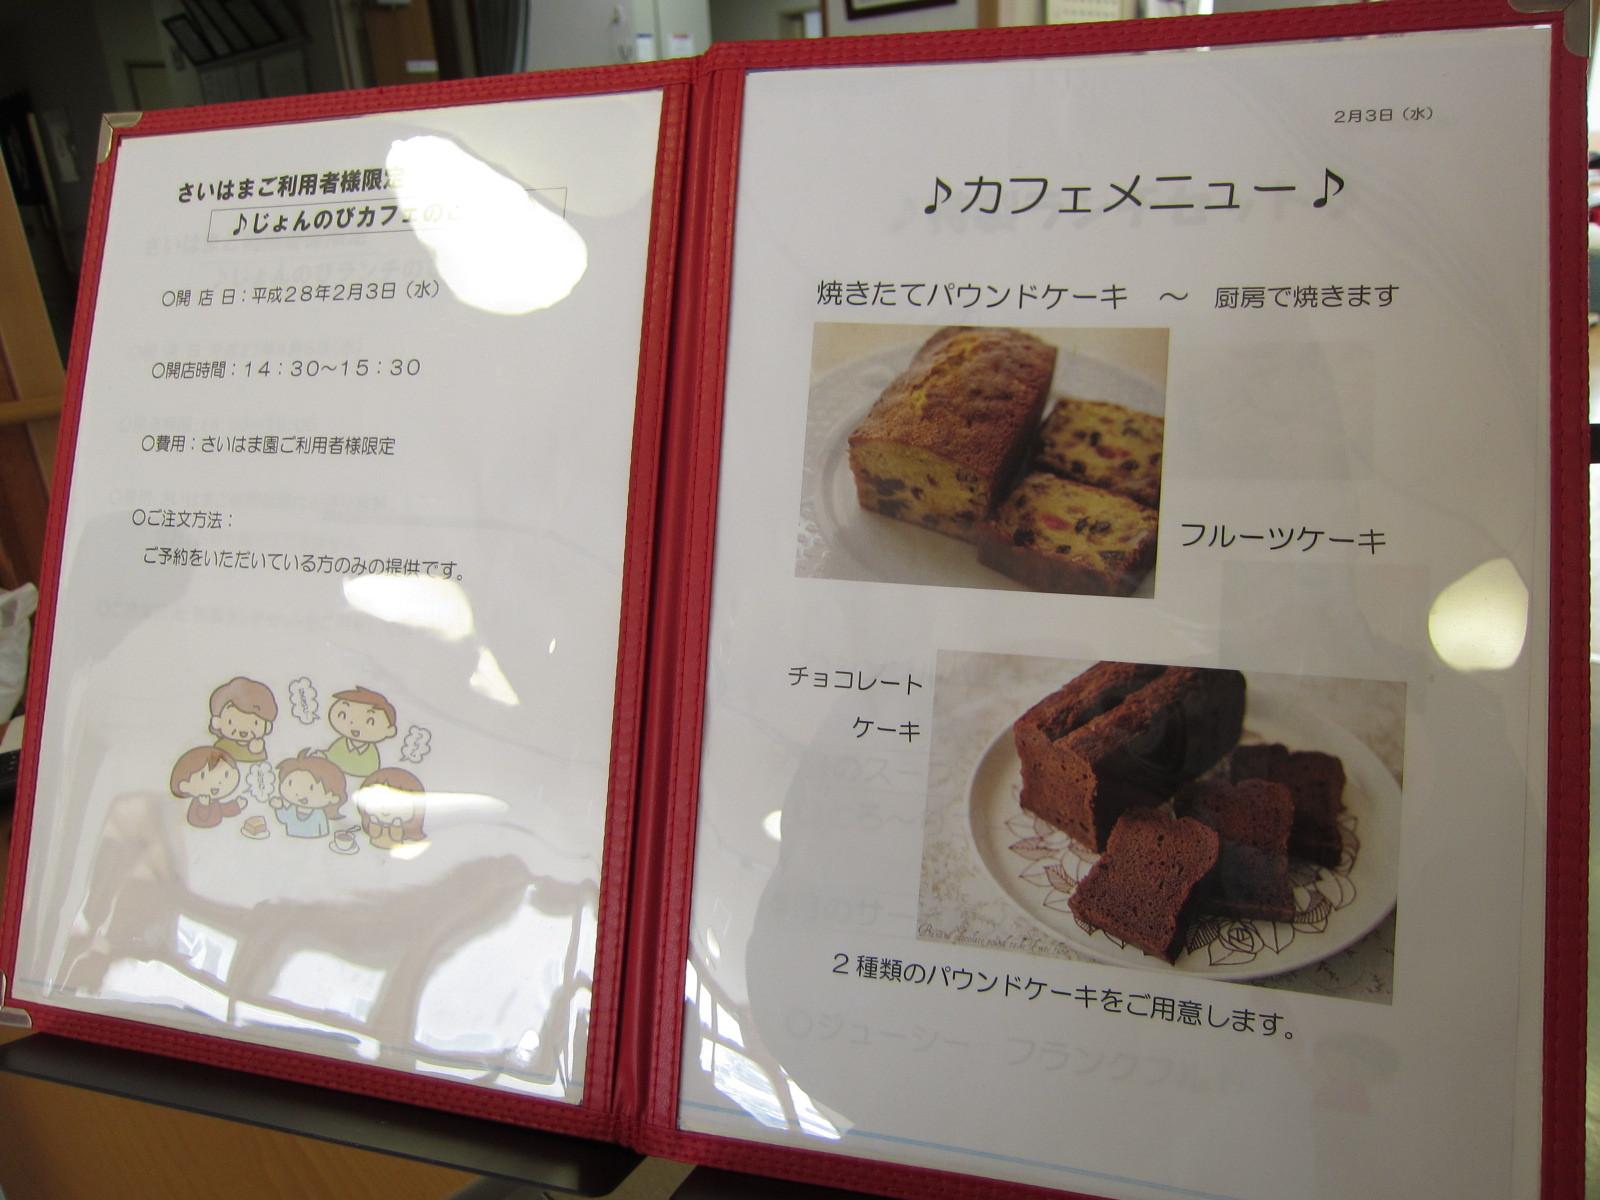 今回の「じょんのびカフェ」は、うみまち厨房とのコラボレーション企画!